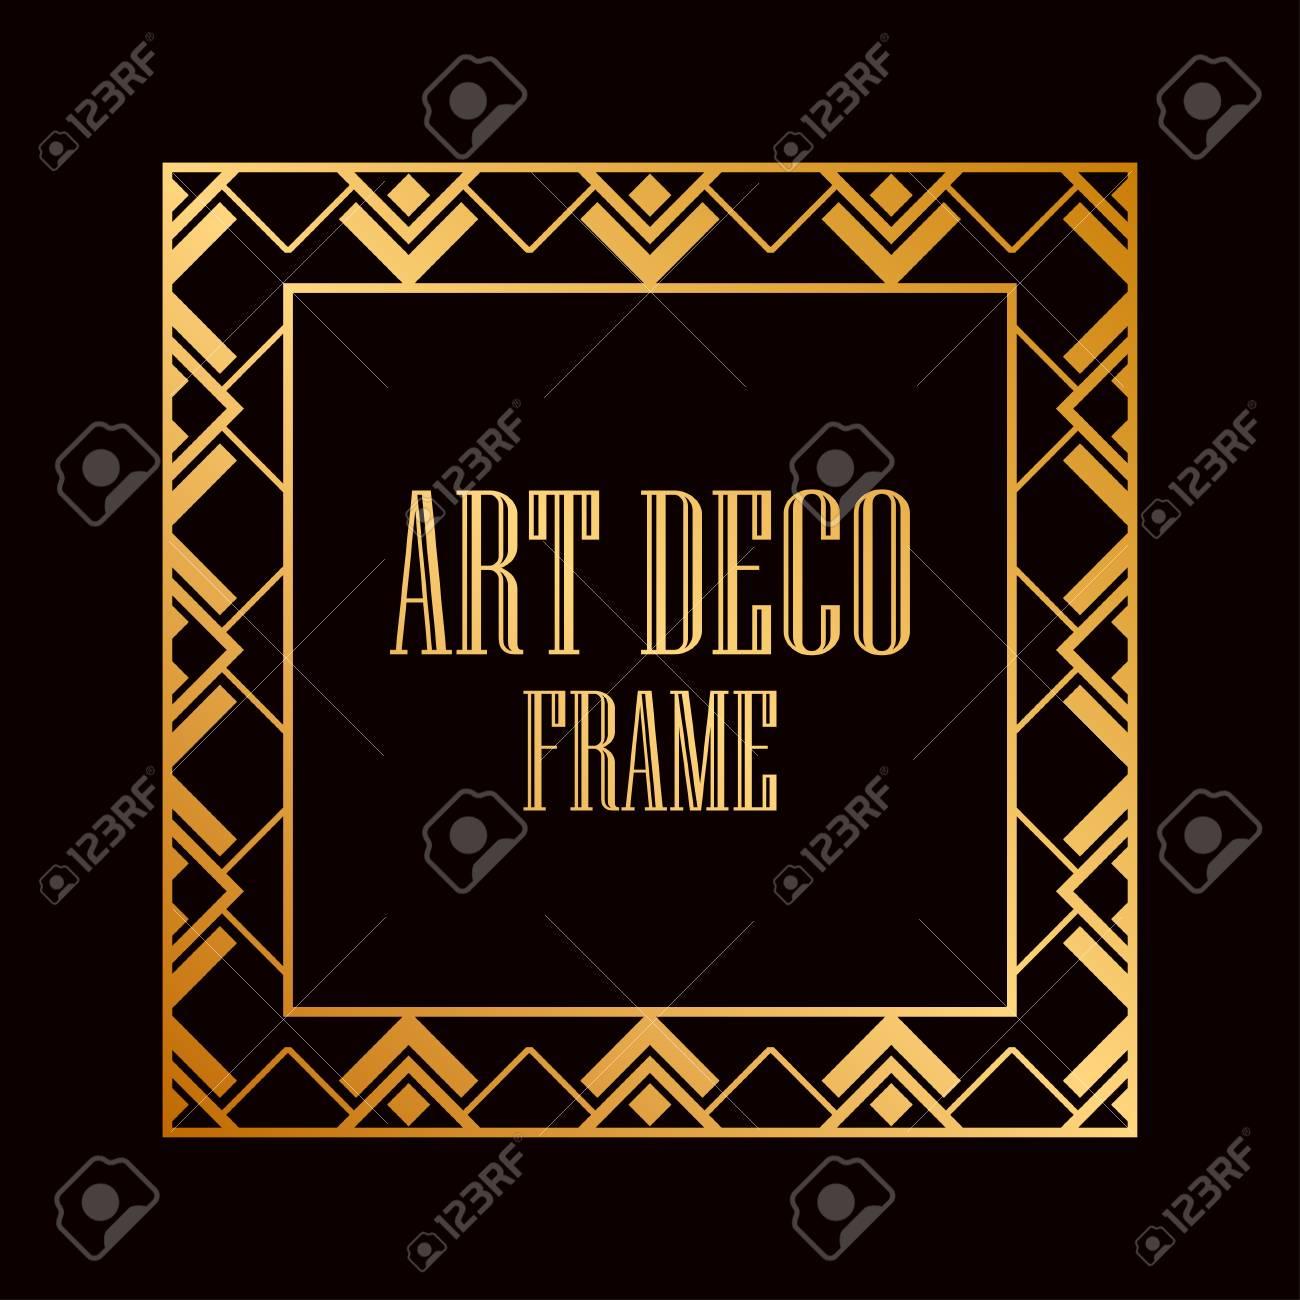 vintage retro style invitation in art deco art deco border and